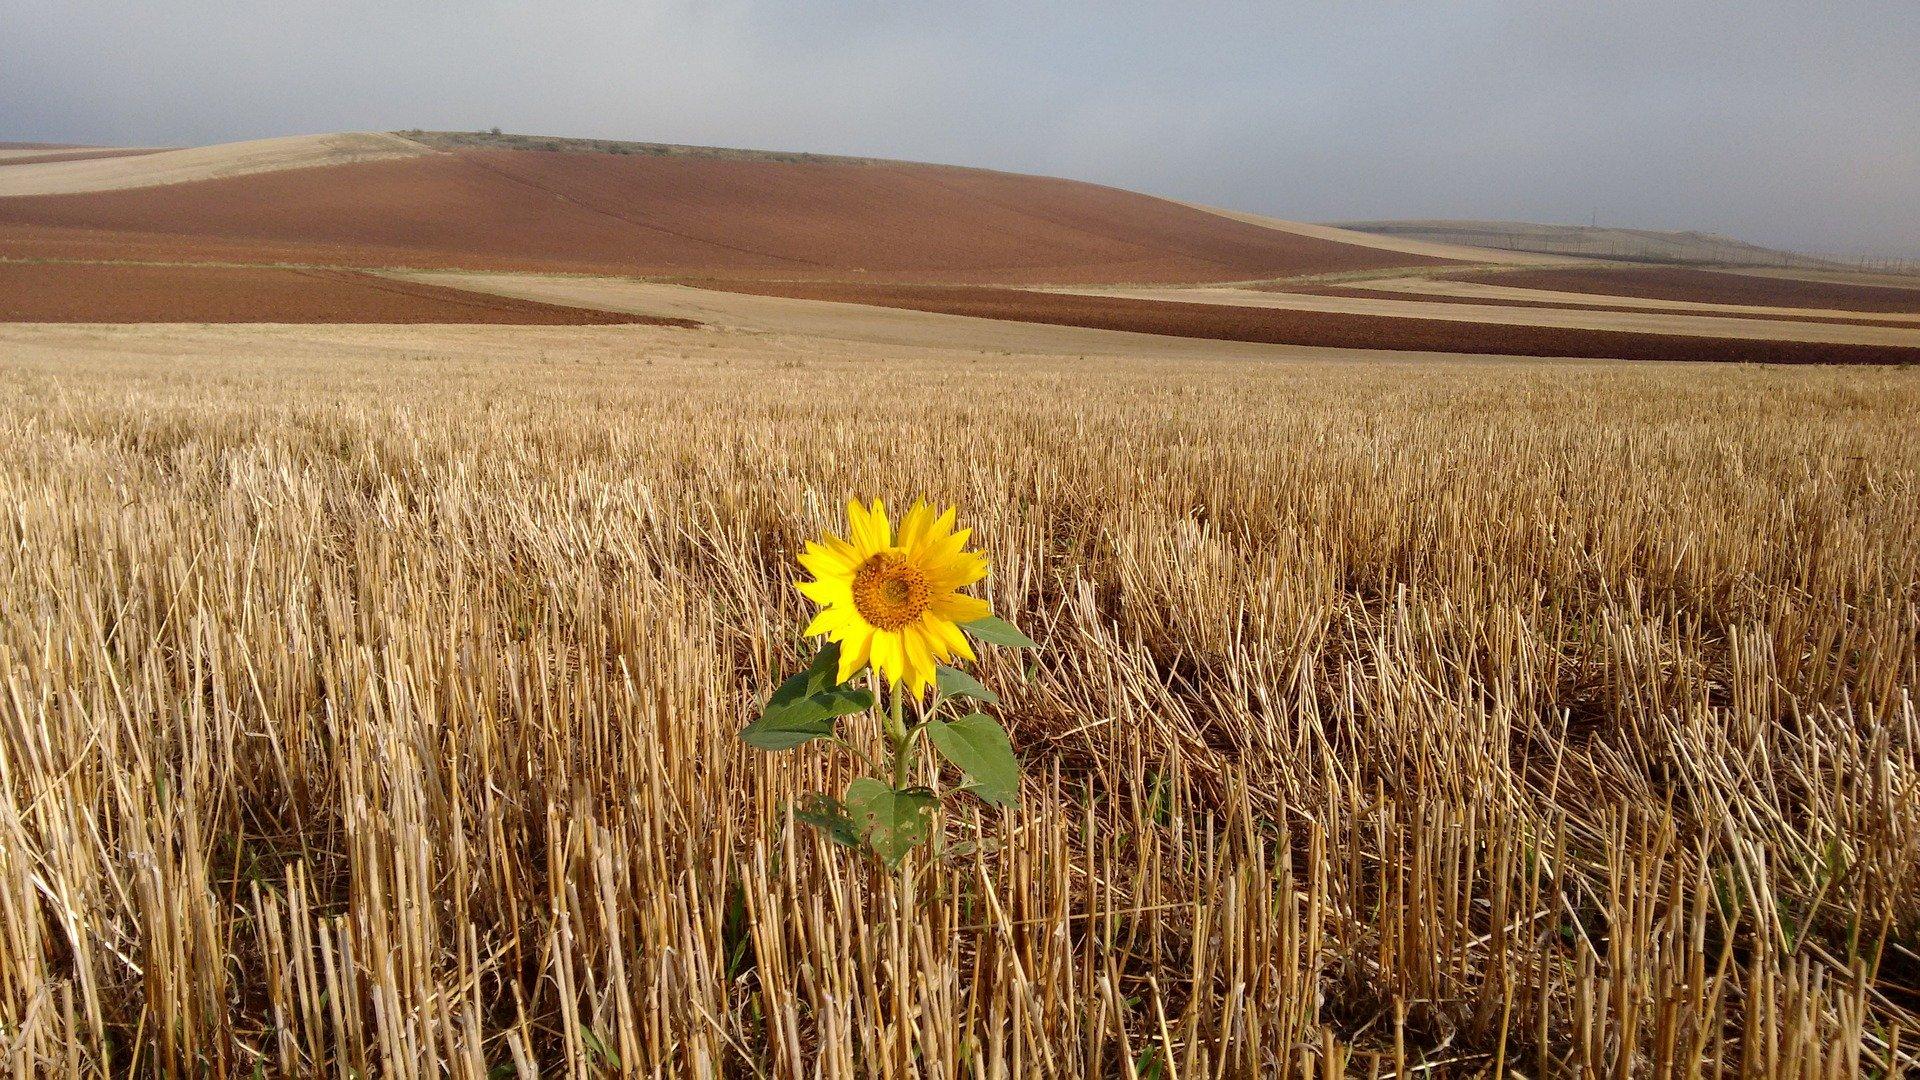 un girasole in un immenso campo di grano